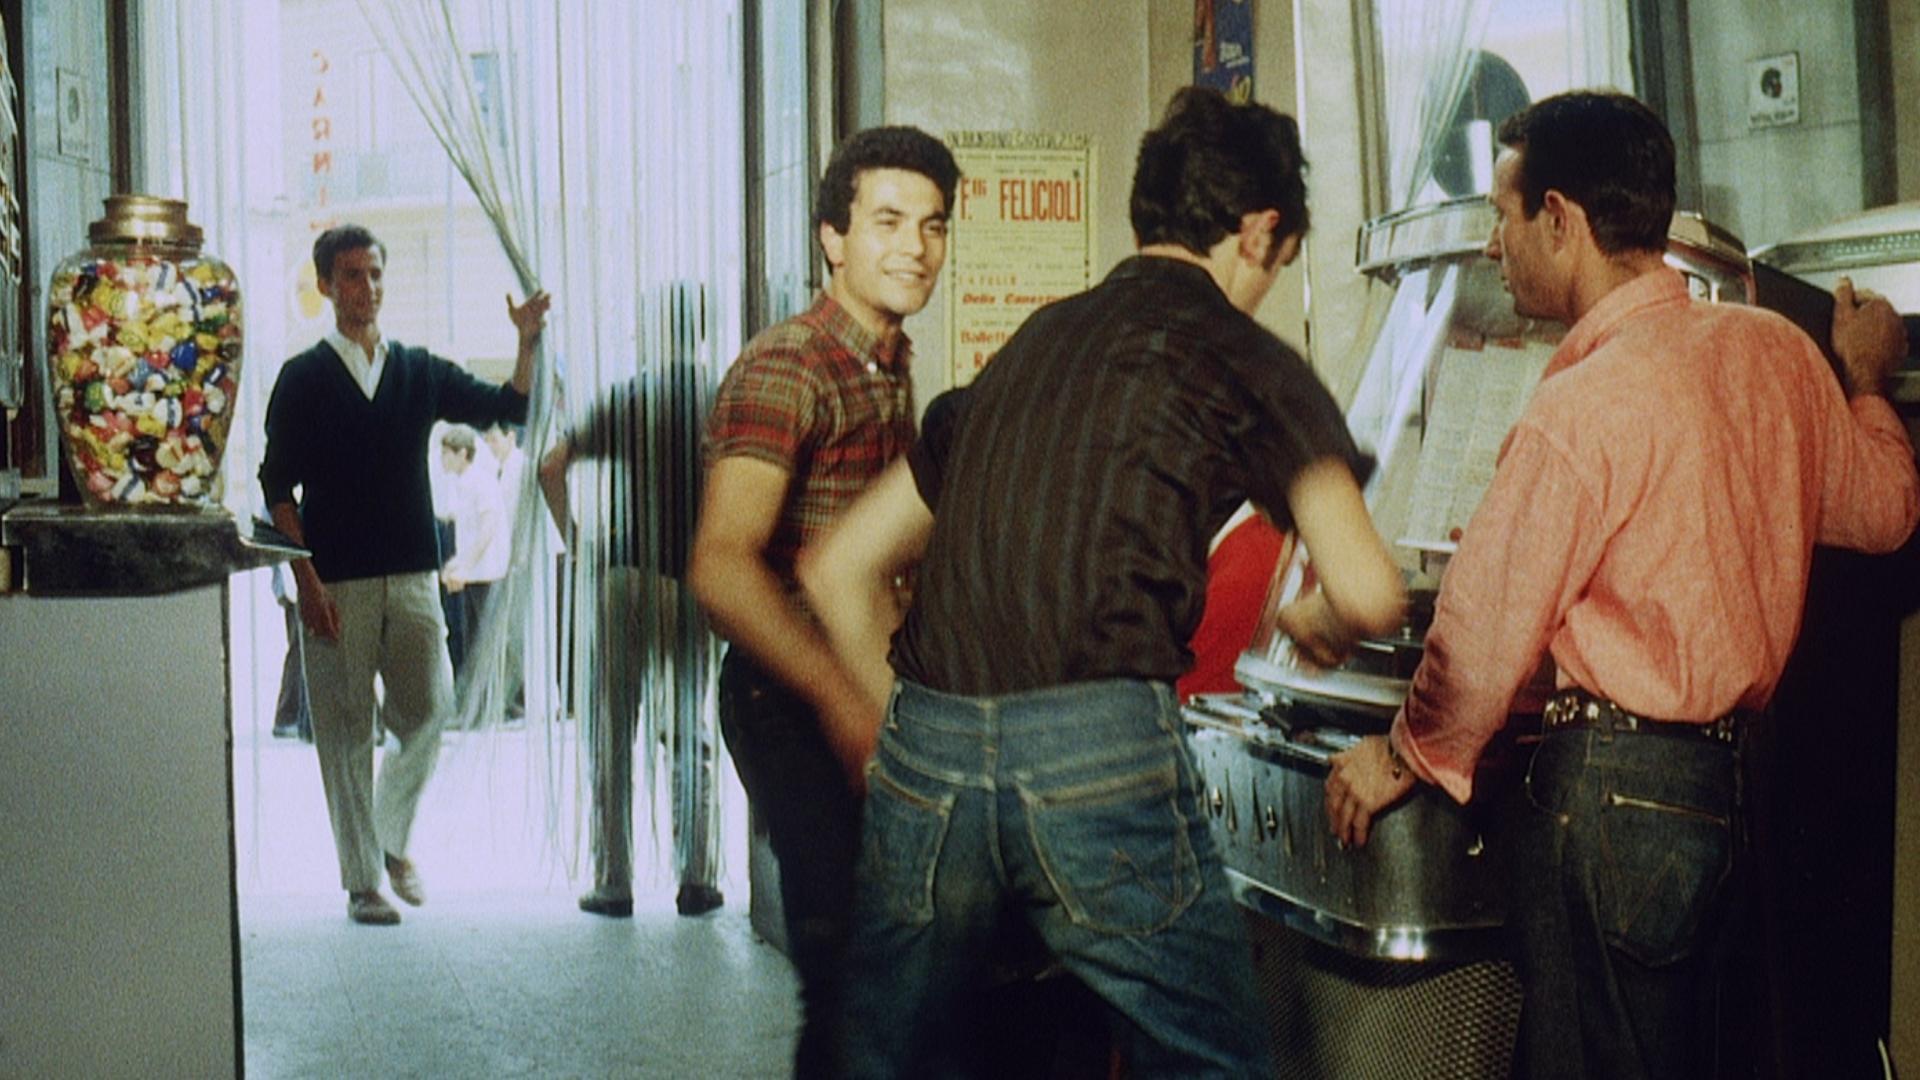 Nessuno ci pu giudicare il docu film di steve della casa - Film lo specchio della vita italiano ...